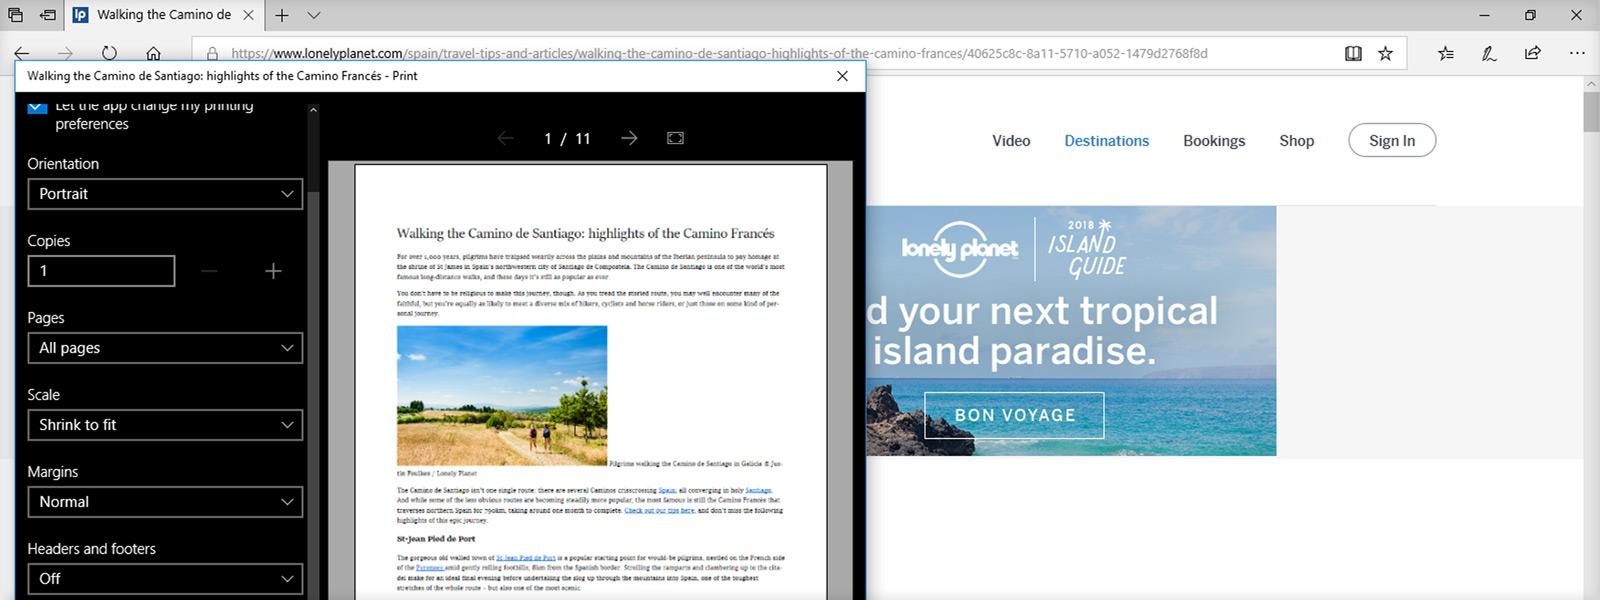 Екранно изображение на предварителен преглед на печат в Edge, на който липсват рекламите на дадена уеб страница